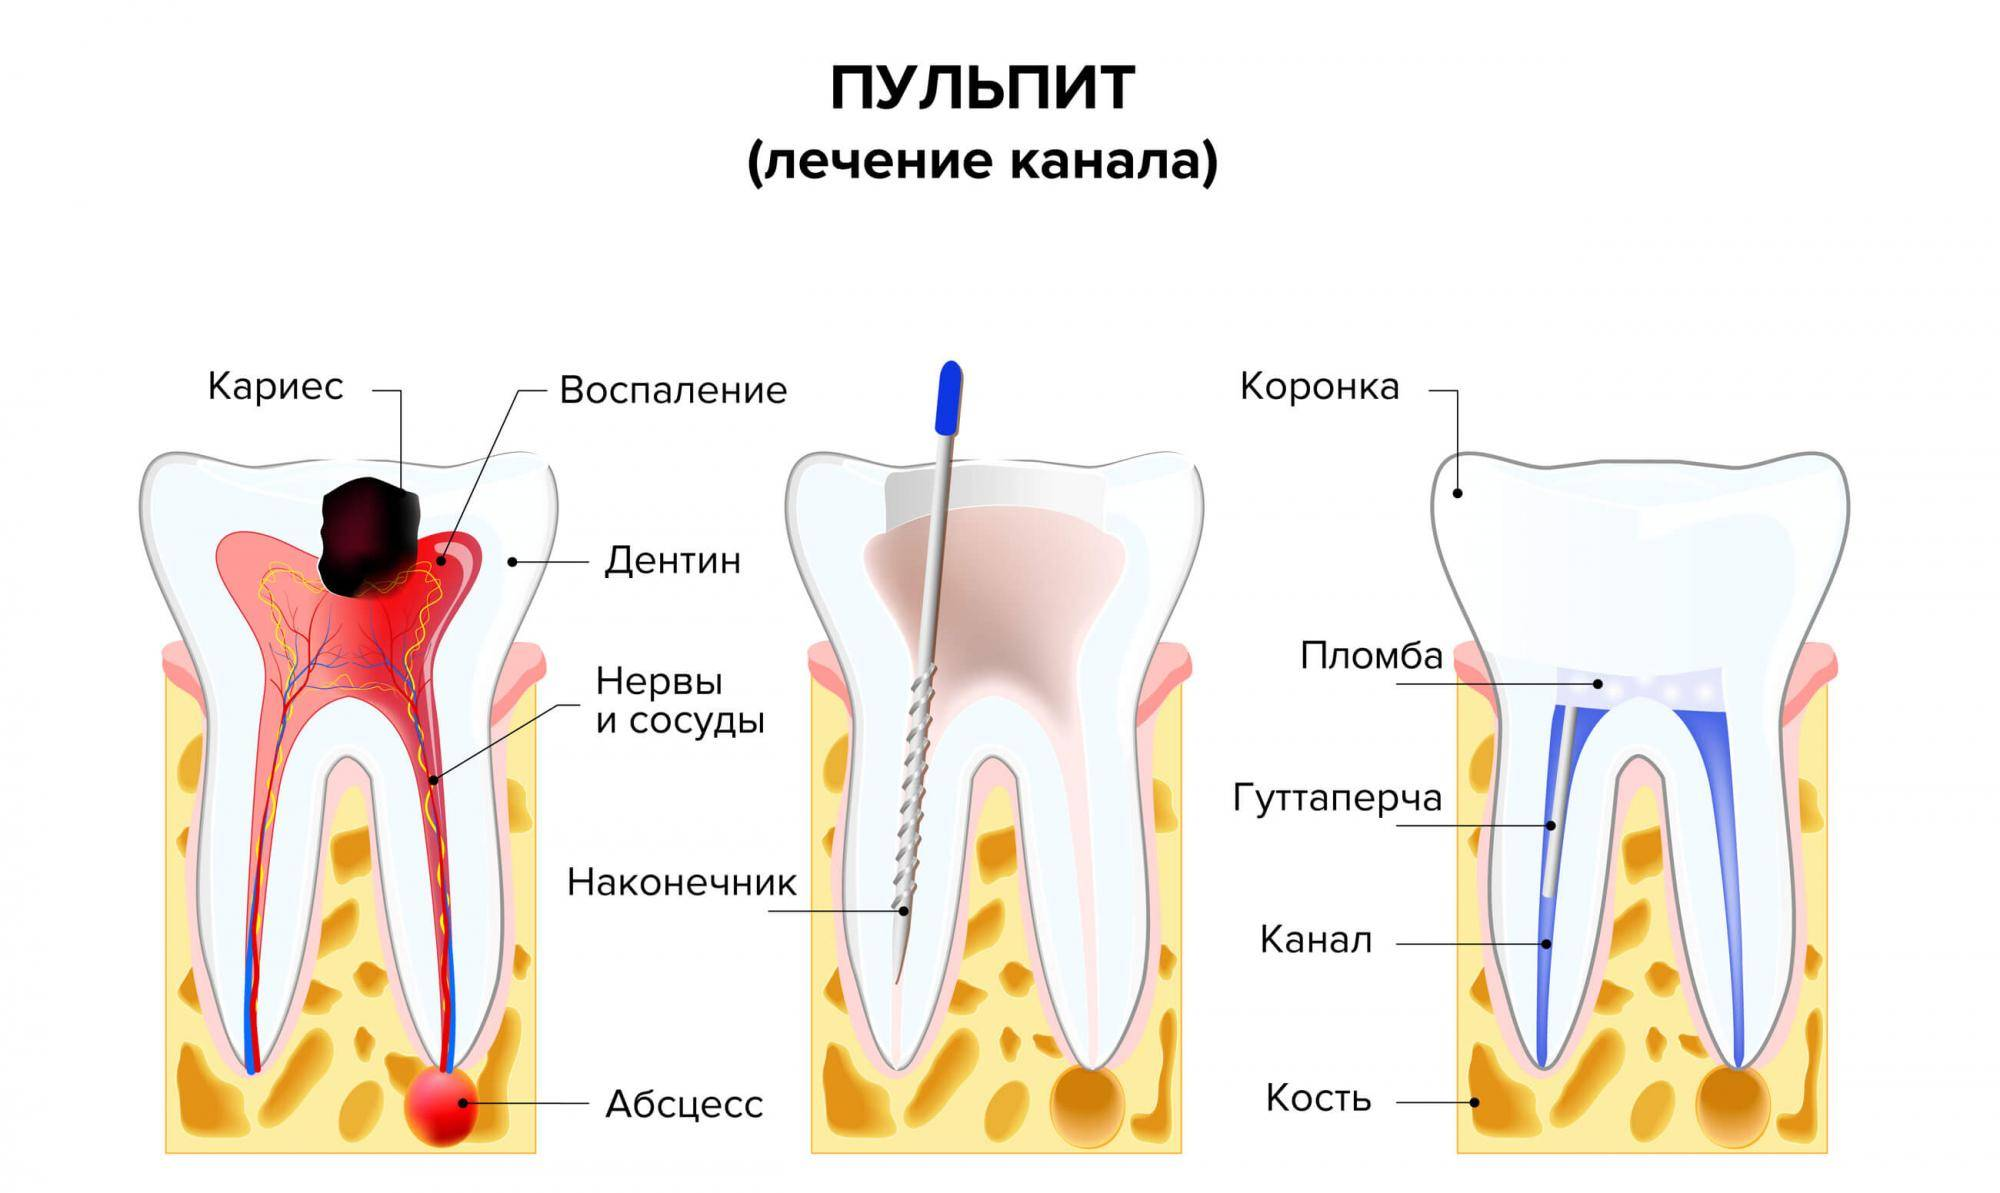 Обезболивающее ребенку 6 лет. зубная боль у ребенка: чем снять. когда врач может назначить лекарства